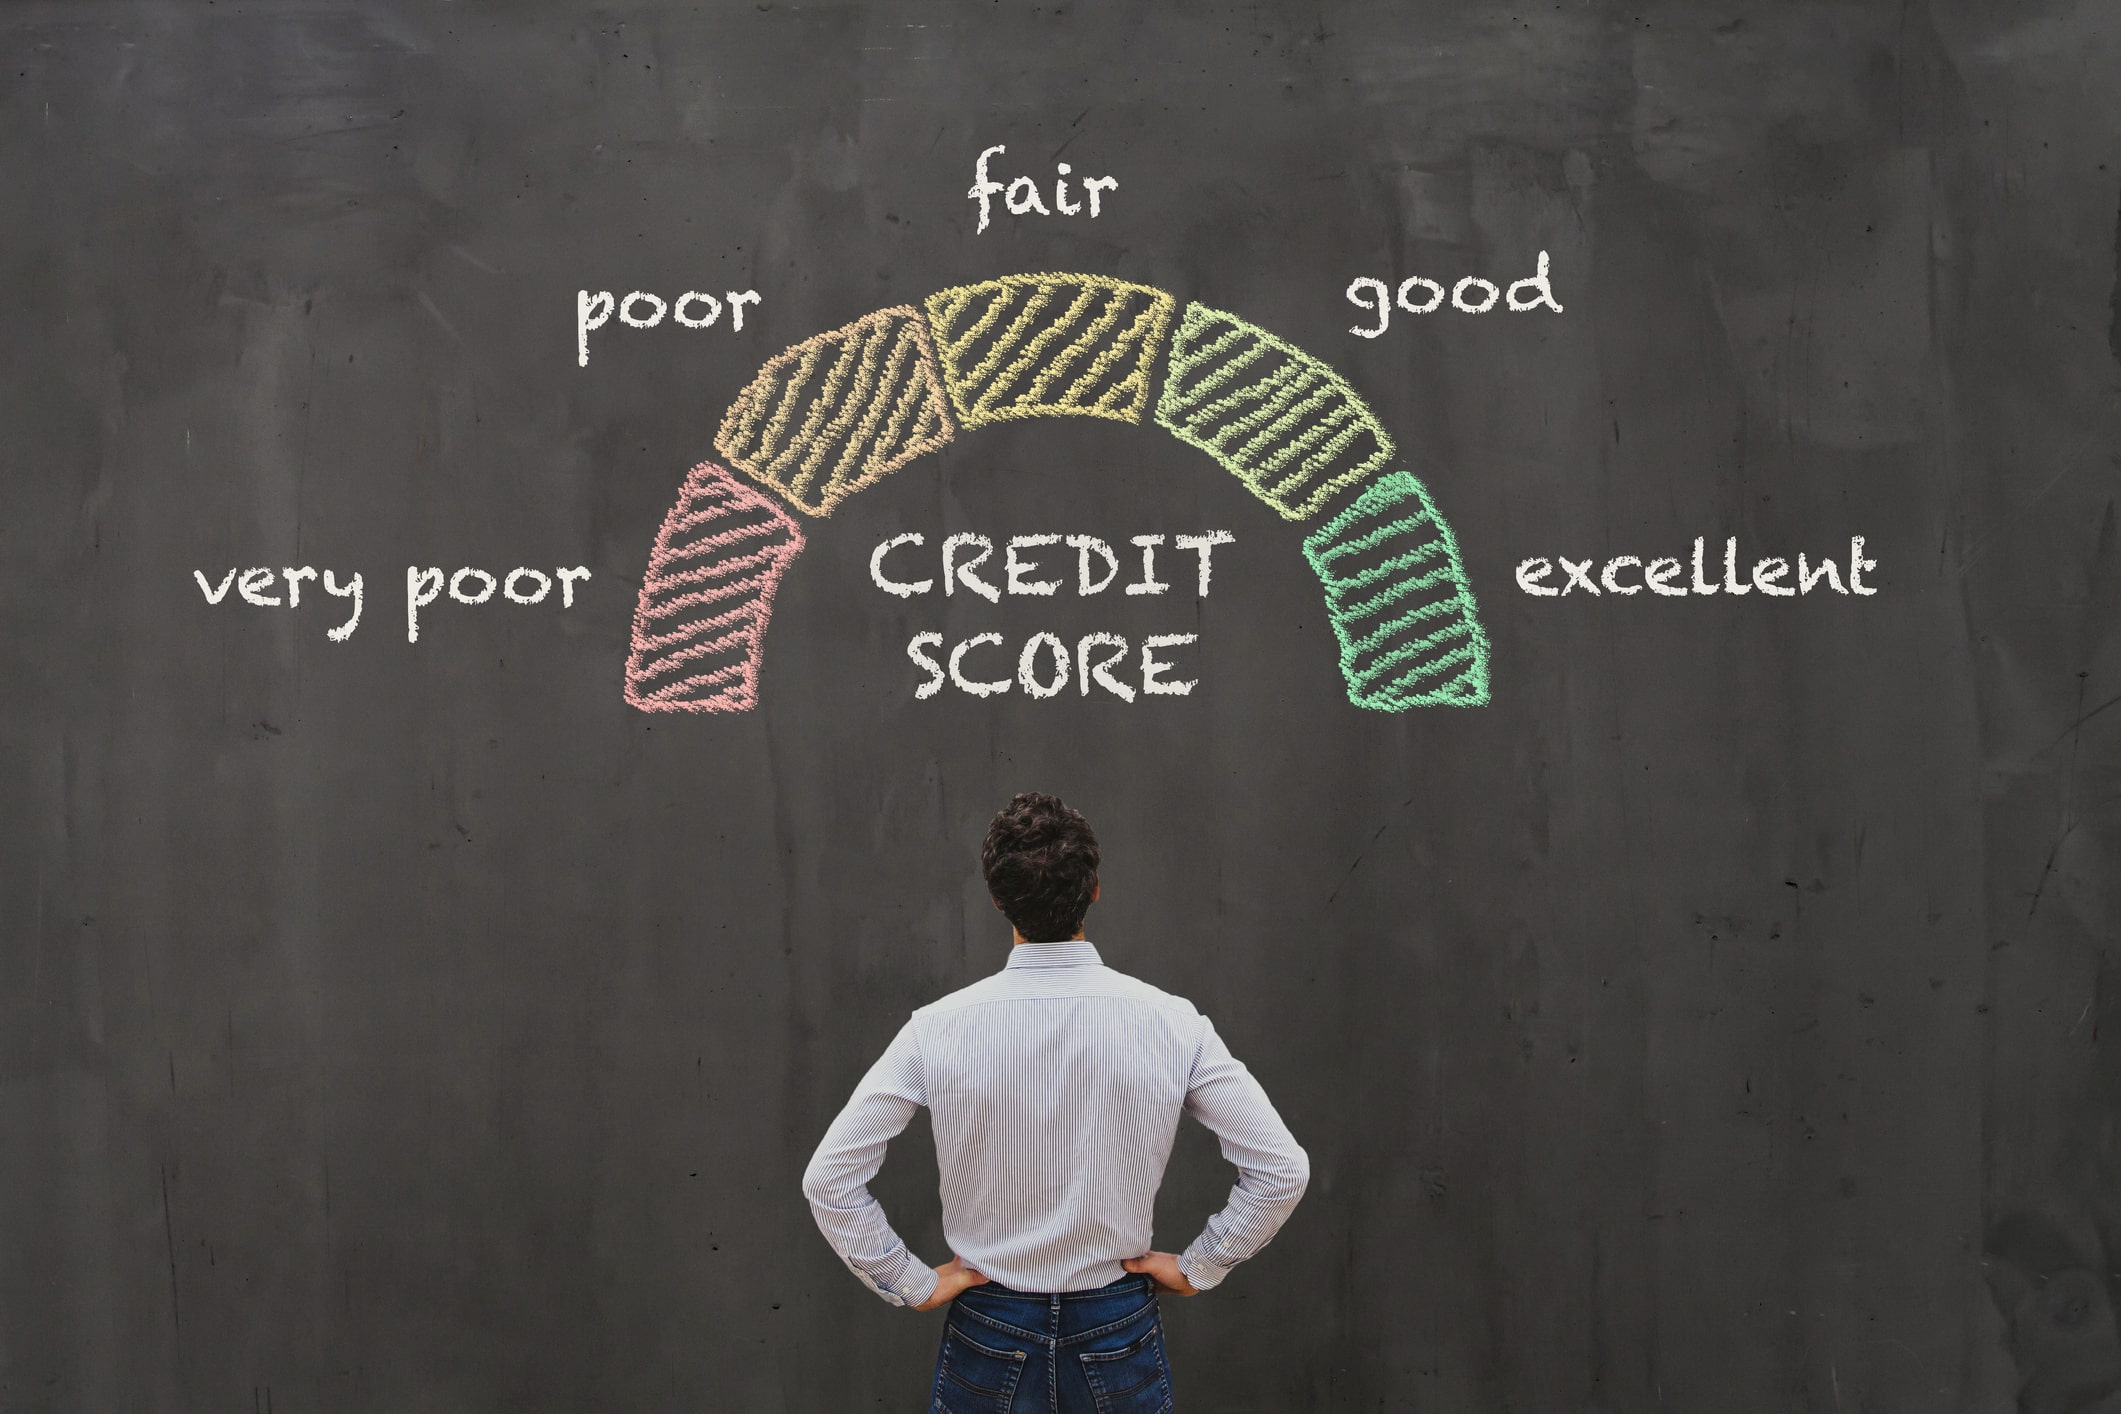 fico vs credit score